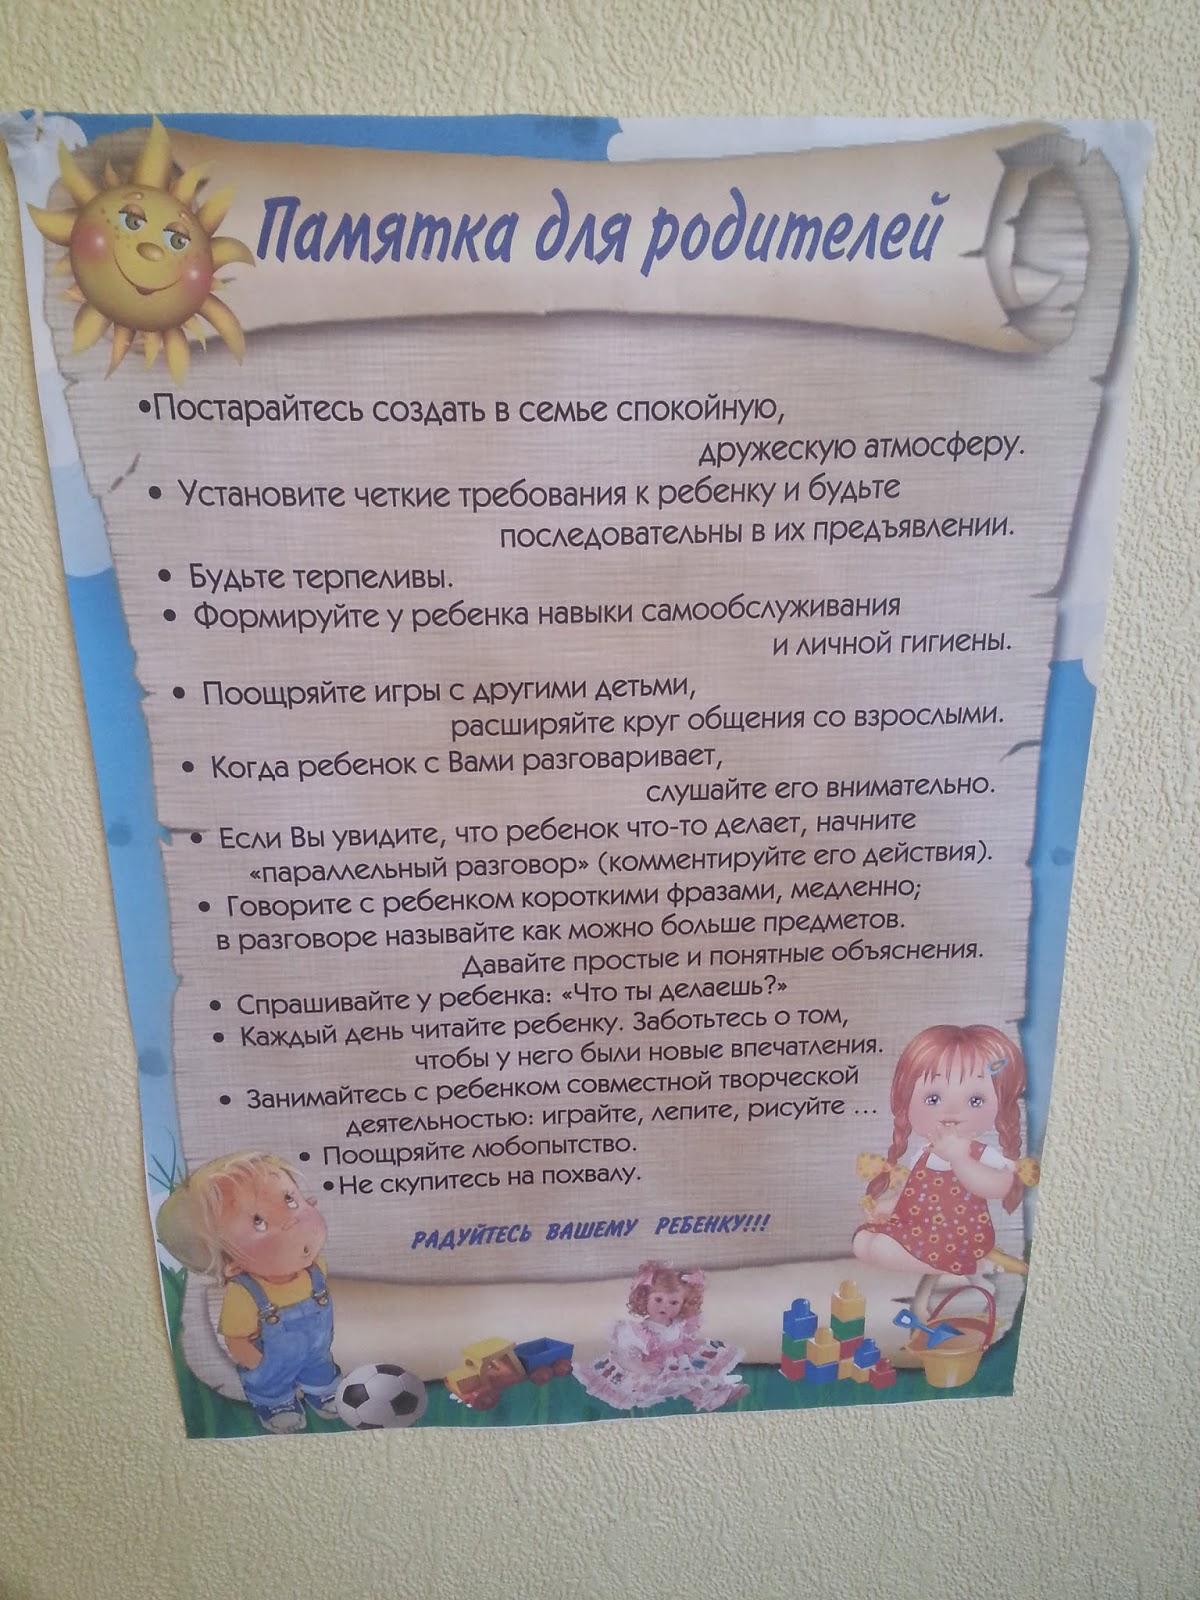 Поздравление для родителей на год ребенка